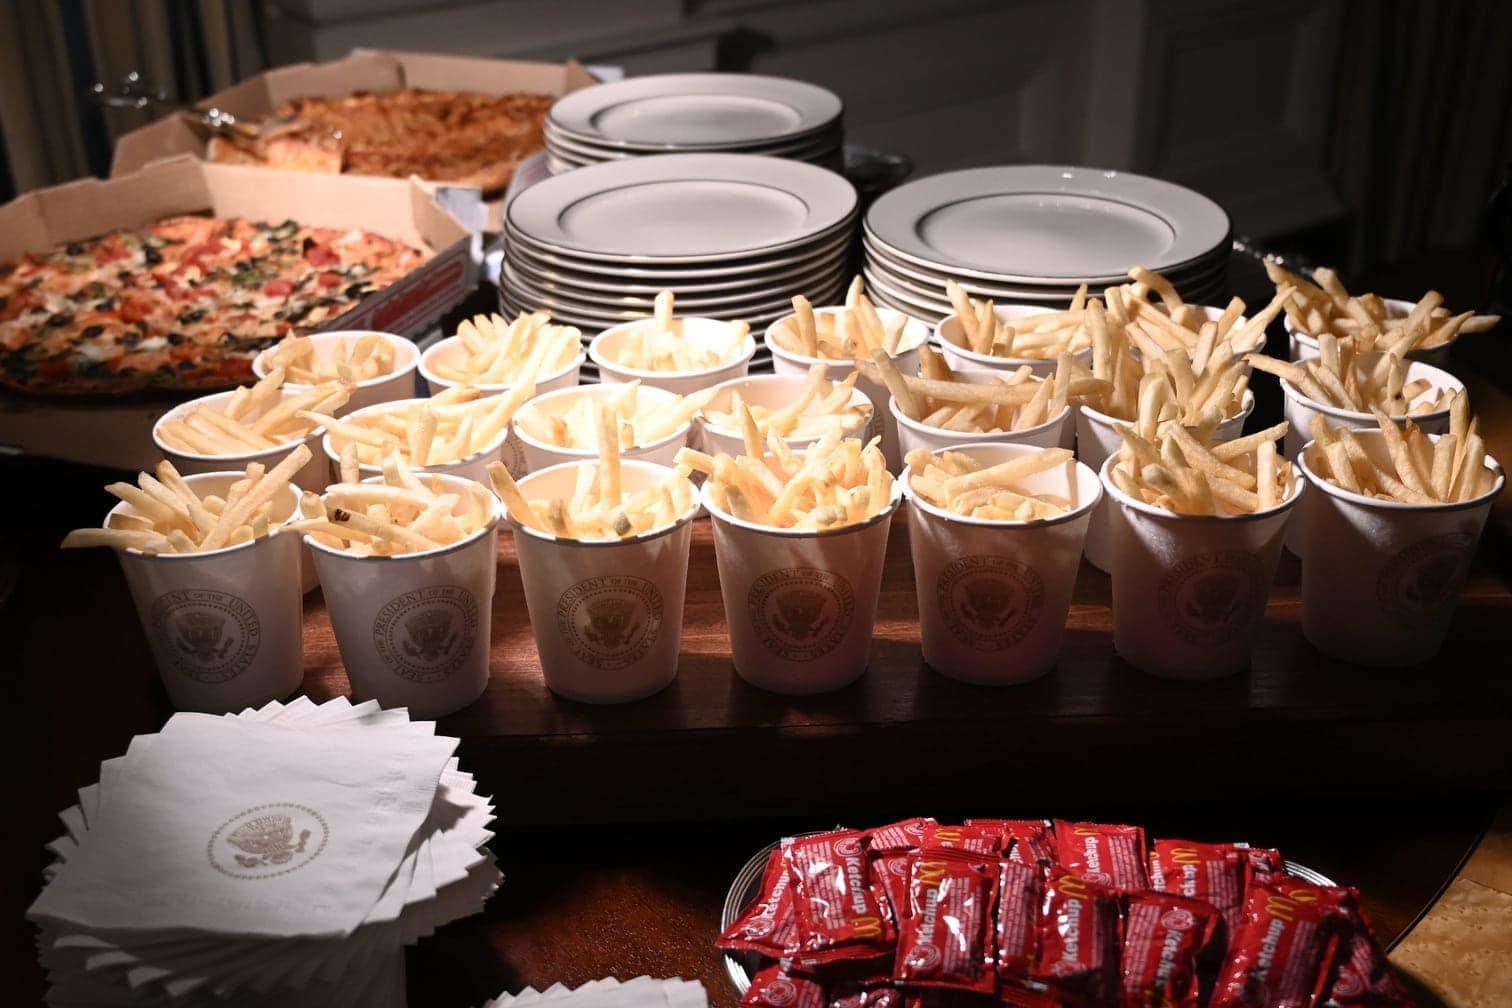 Pizza und Fritten bewirtet - und das wegen des teilweisen Shutdowns auch im Weißen Haus auf eigene Kosten.</p> Foto: Susan Walsh/dpa